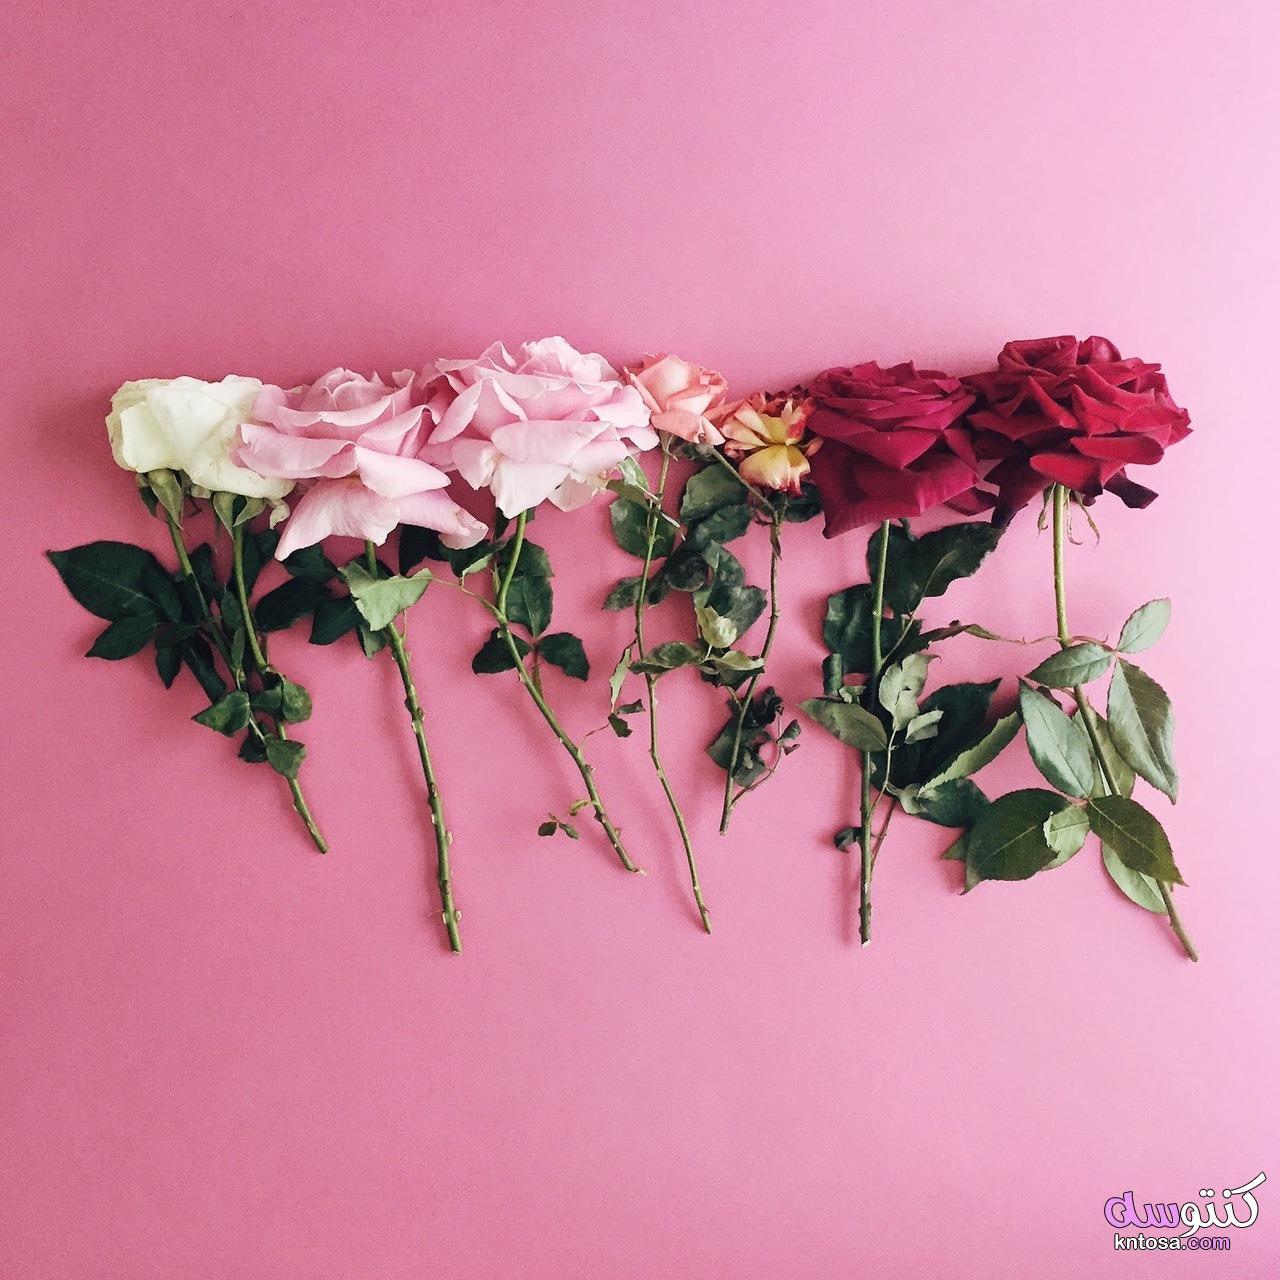 احلى صور ورود 2020 جوده عالية صور زهور منوعة اجمل صور ورد